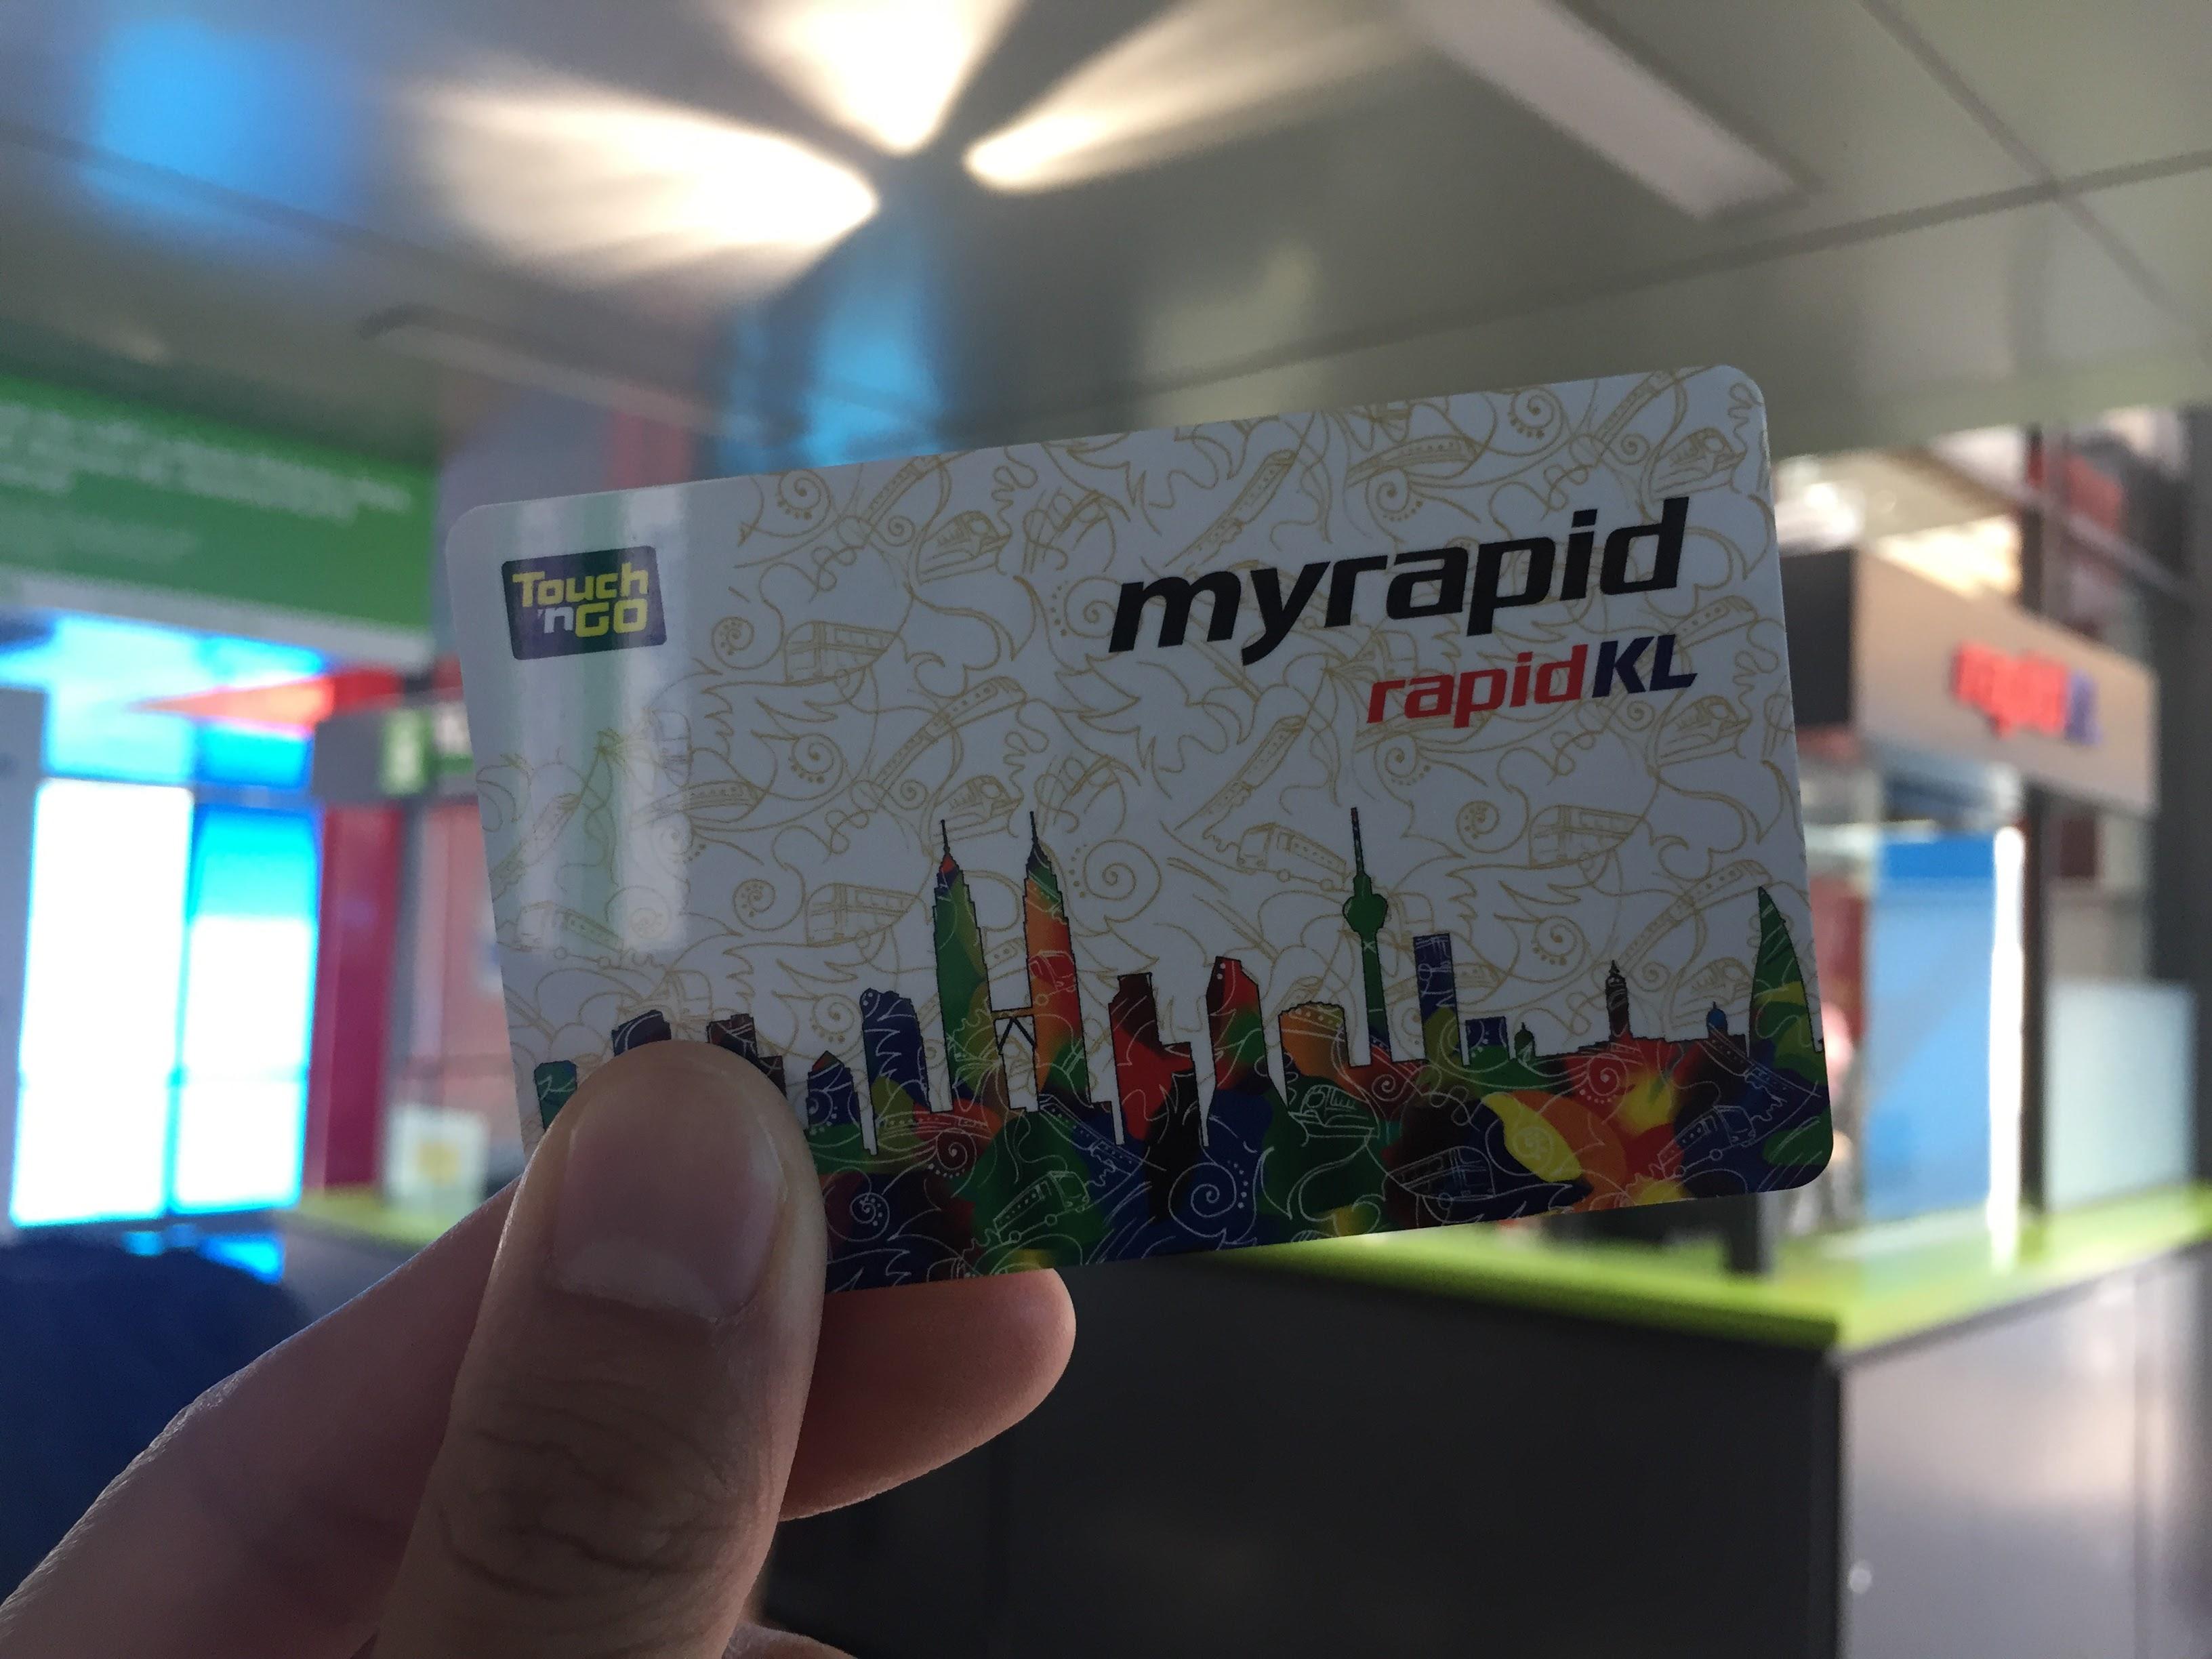 吉隆坡交通 : myrapid 卡